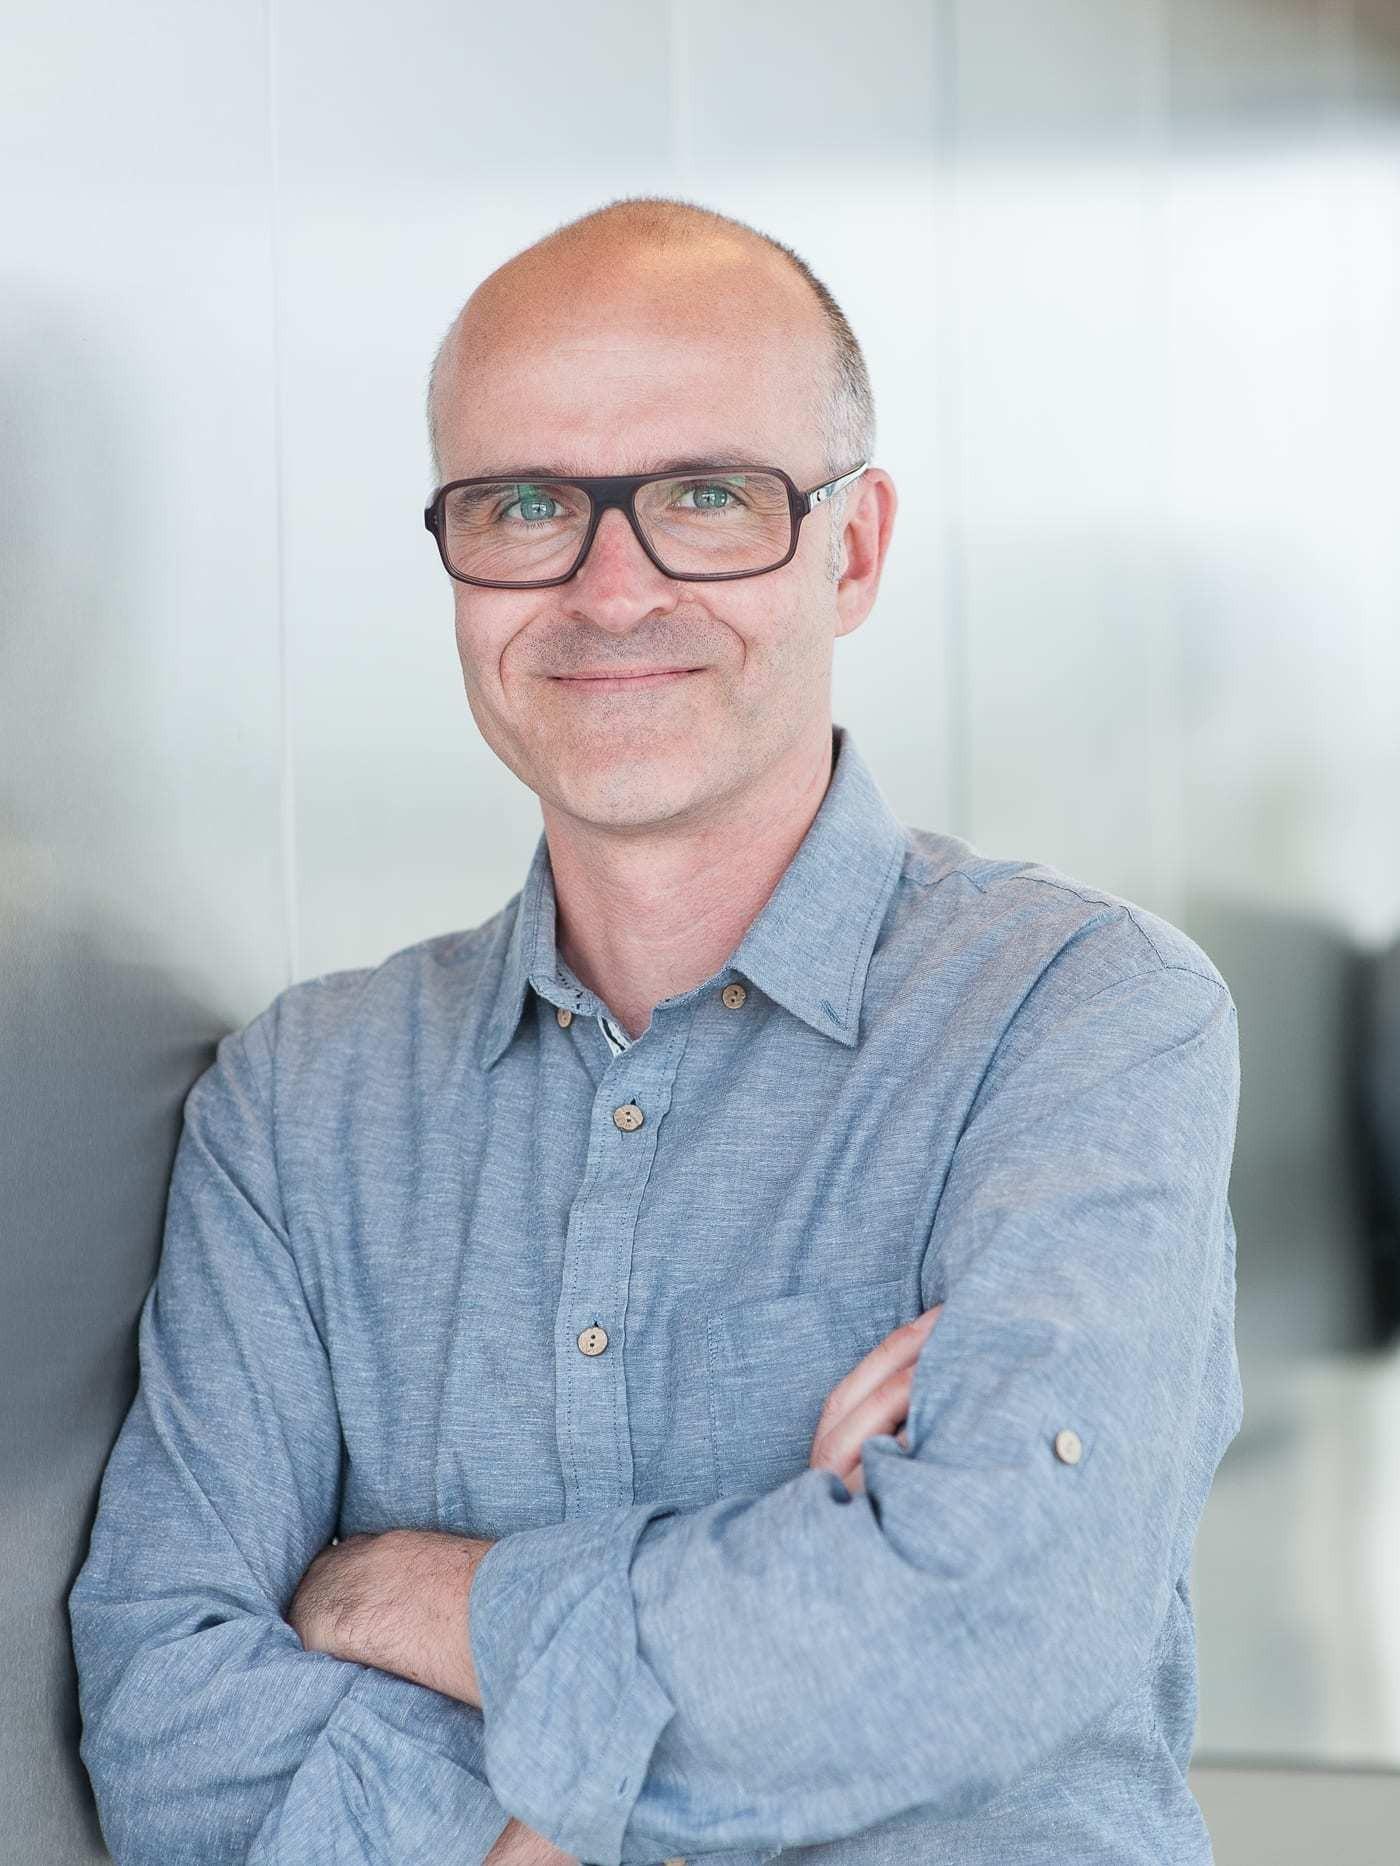 Jürgen Strahm ist Wegberater für Onlinemarketing und Geschäftsführer der Zellenkur in Bamberg.